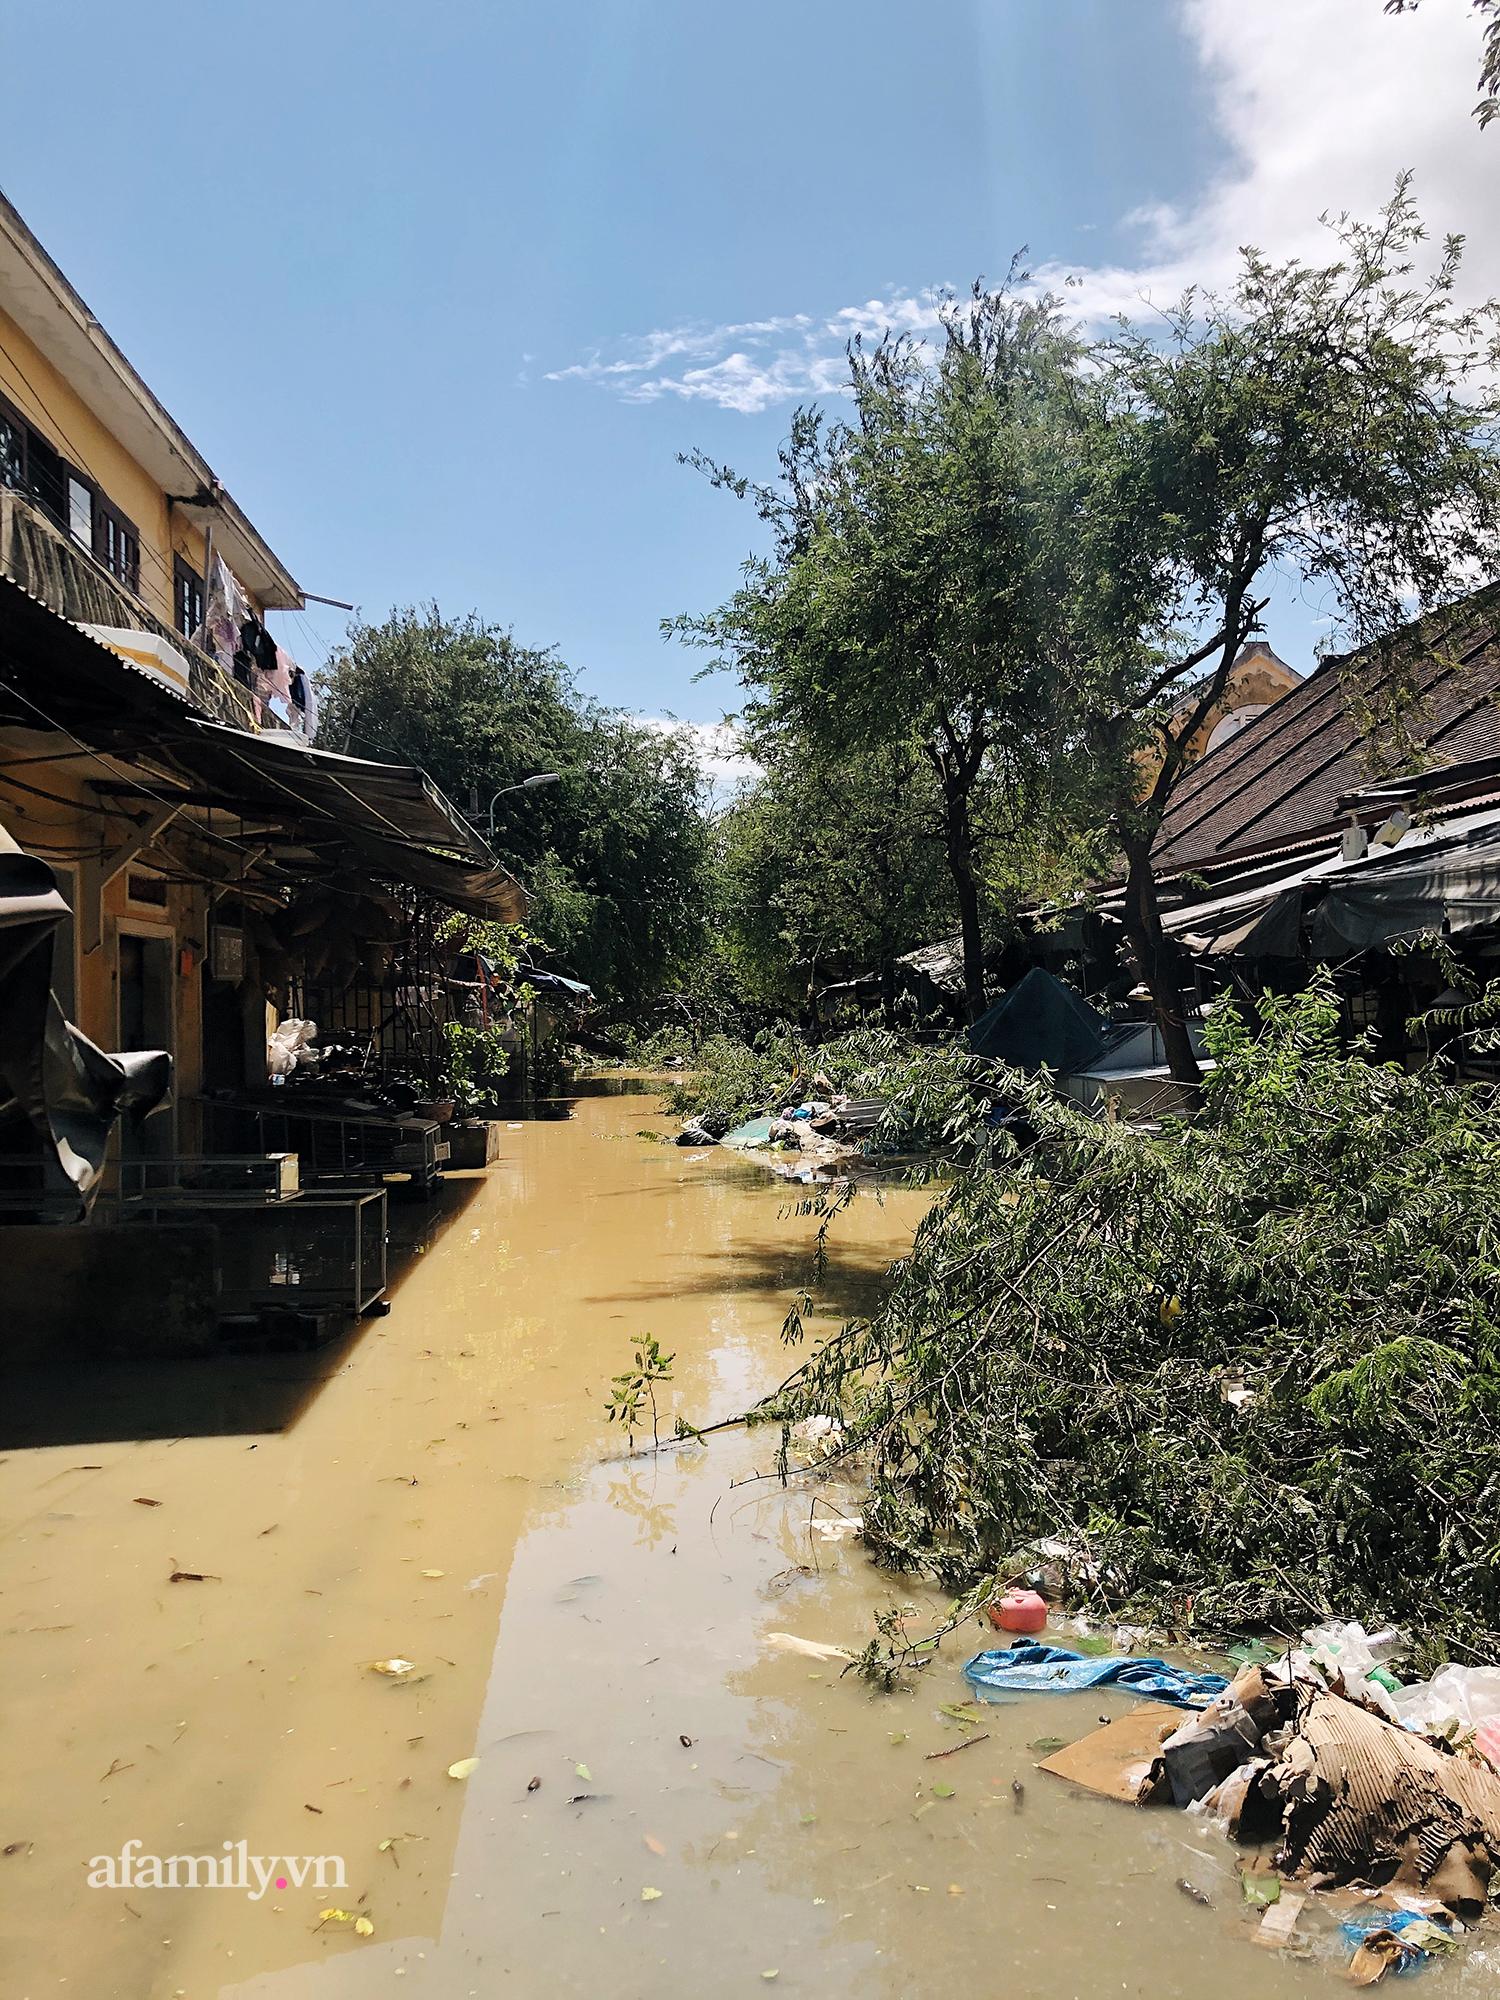 Hội An tan hoang sau bão số 9, những rặng hoa giấy rực rỡ ngày thường nay bỗng hóa xác xơ, nước sông Hoài dâng lên ngập cả nhiều tuyến đường trung tâm phố cổ - Ảnh 9.